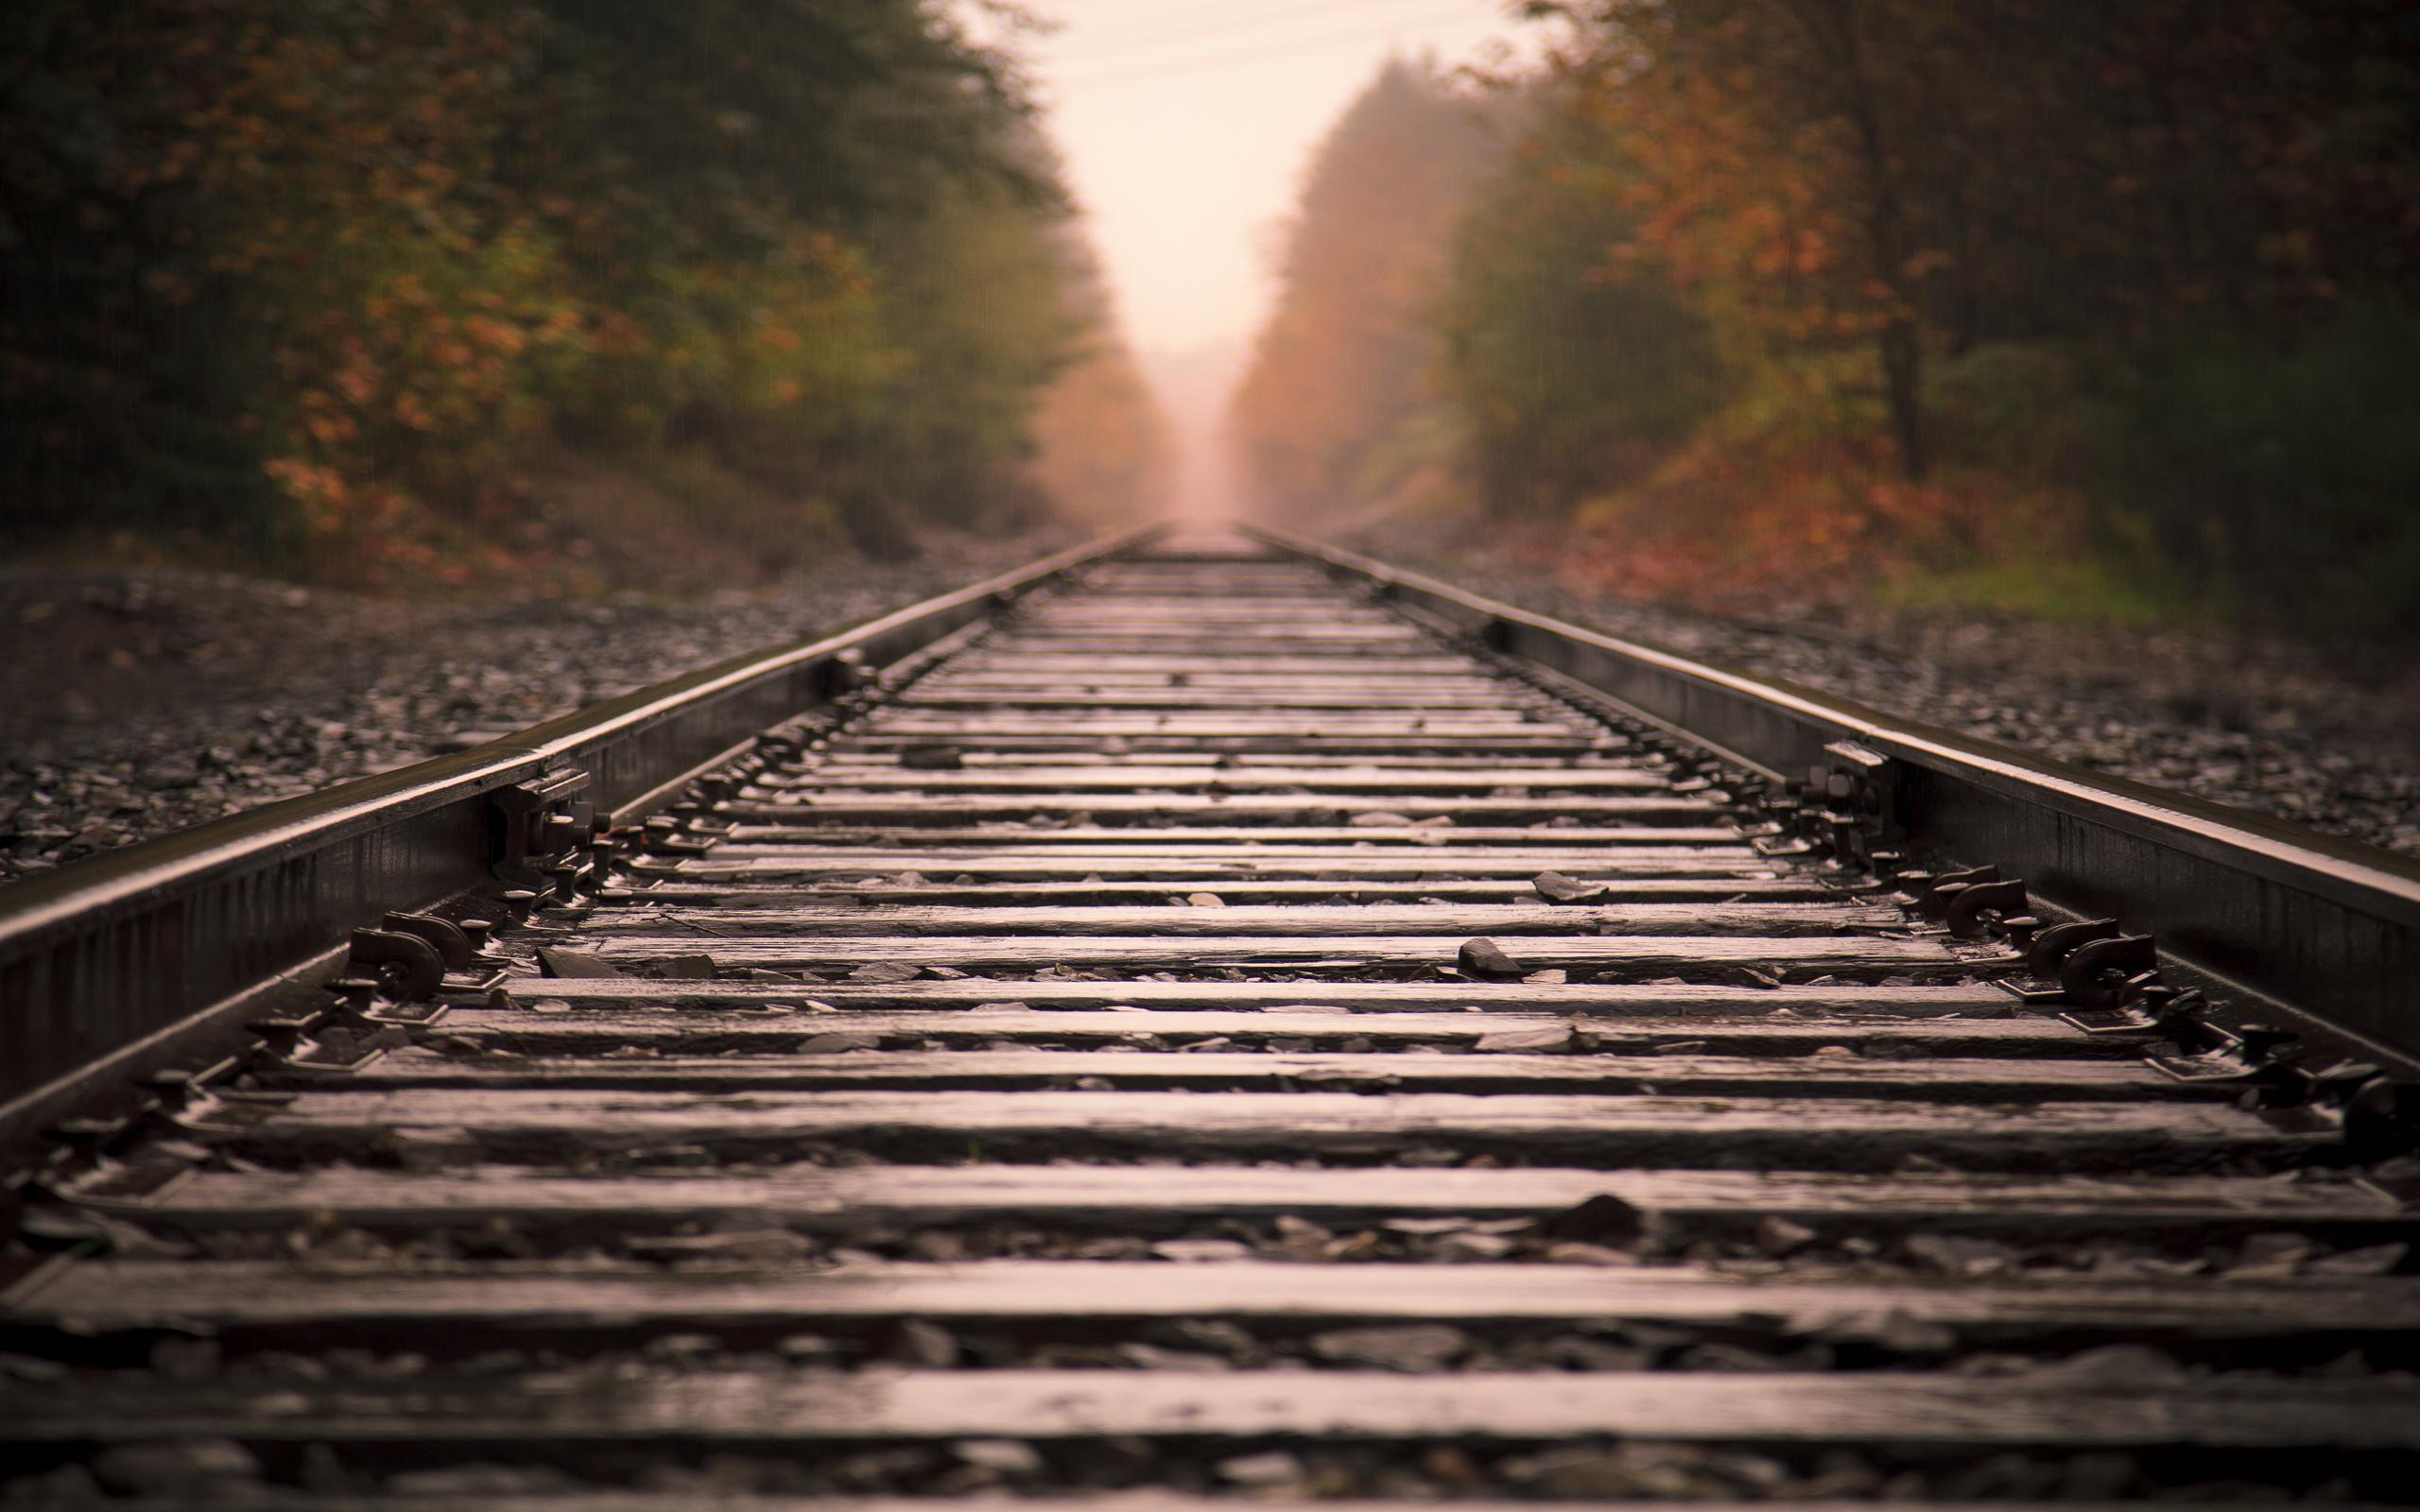 Fondos Vías de ferrocarril (Railroad Tracks) ADNFriki (4)